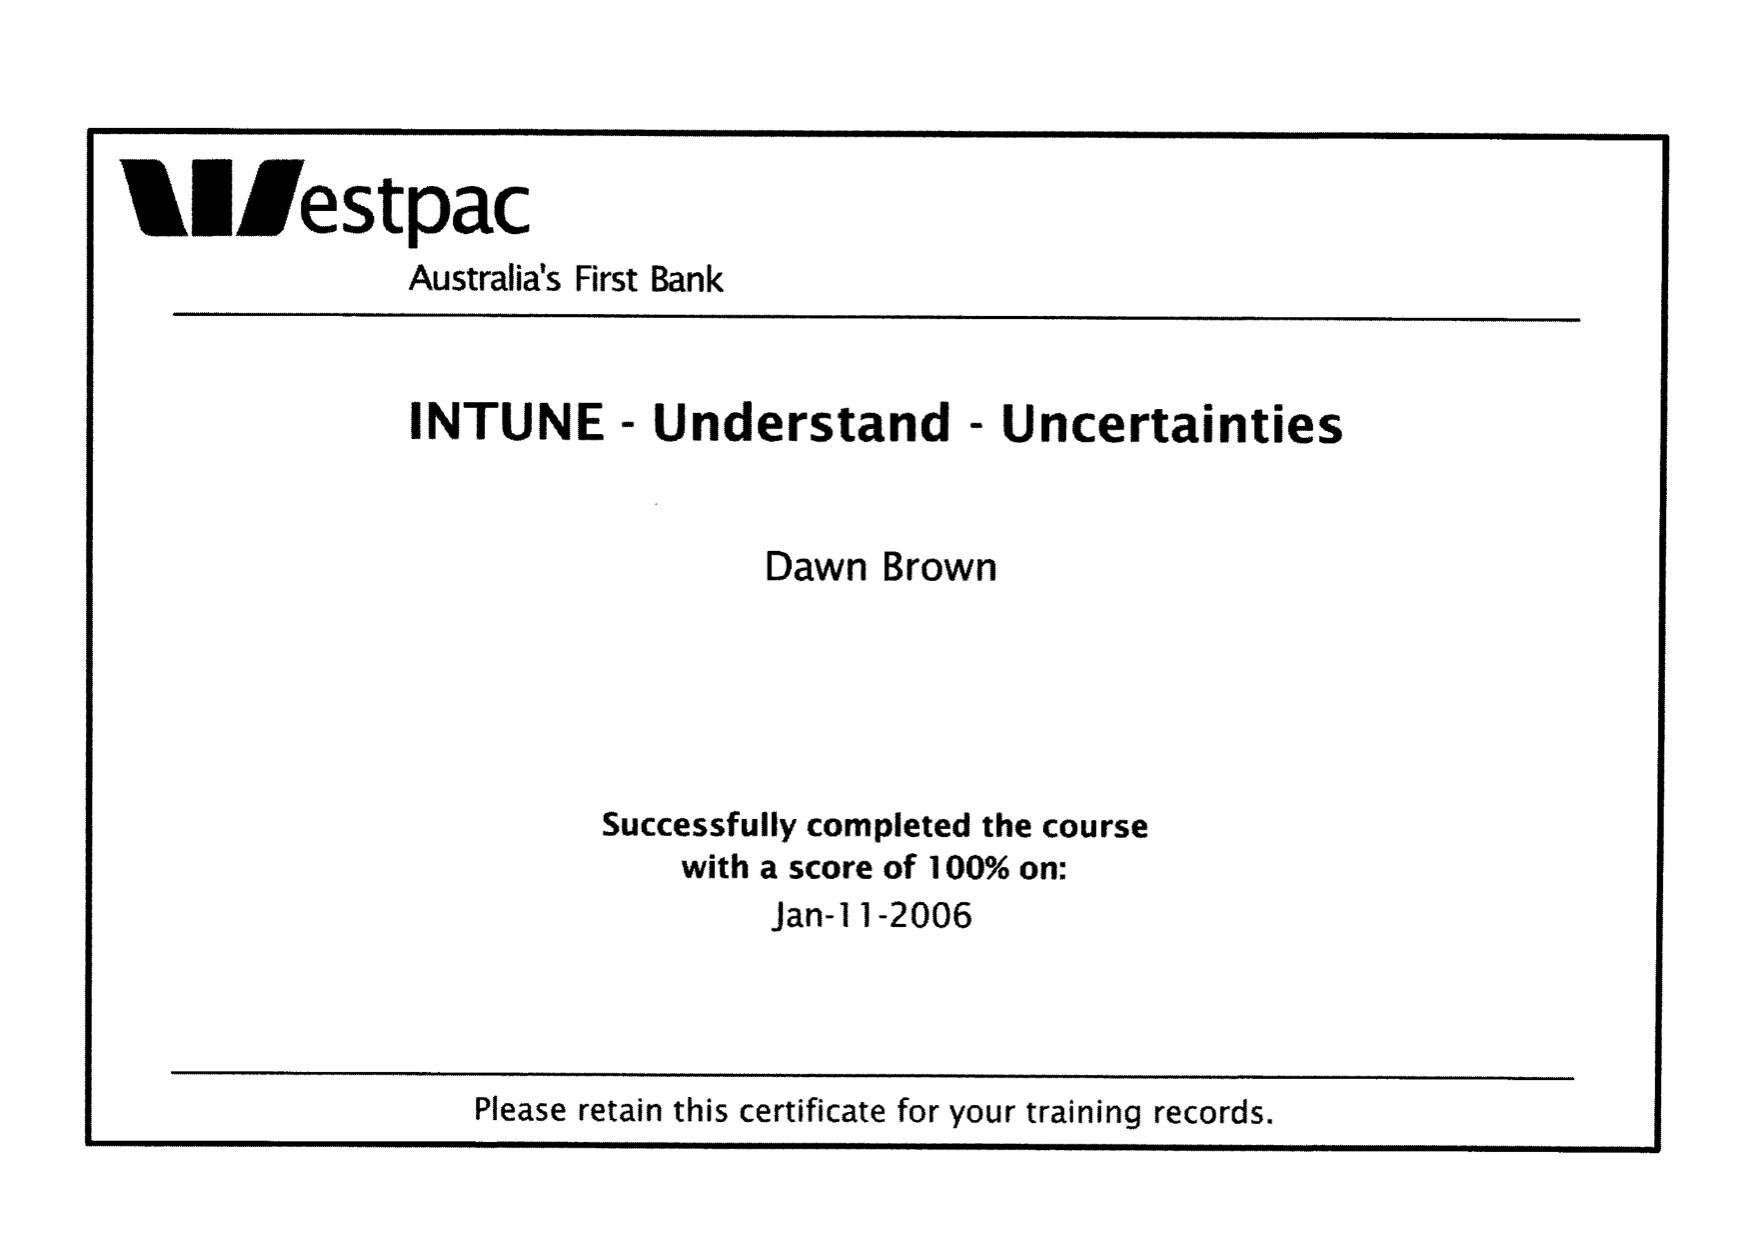 Westpac in tune, understanding uncertainties certificate